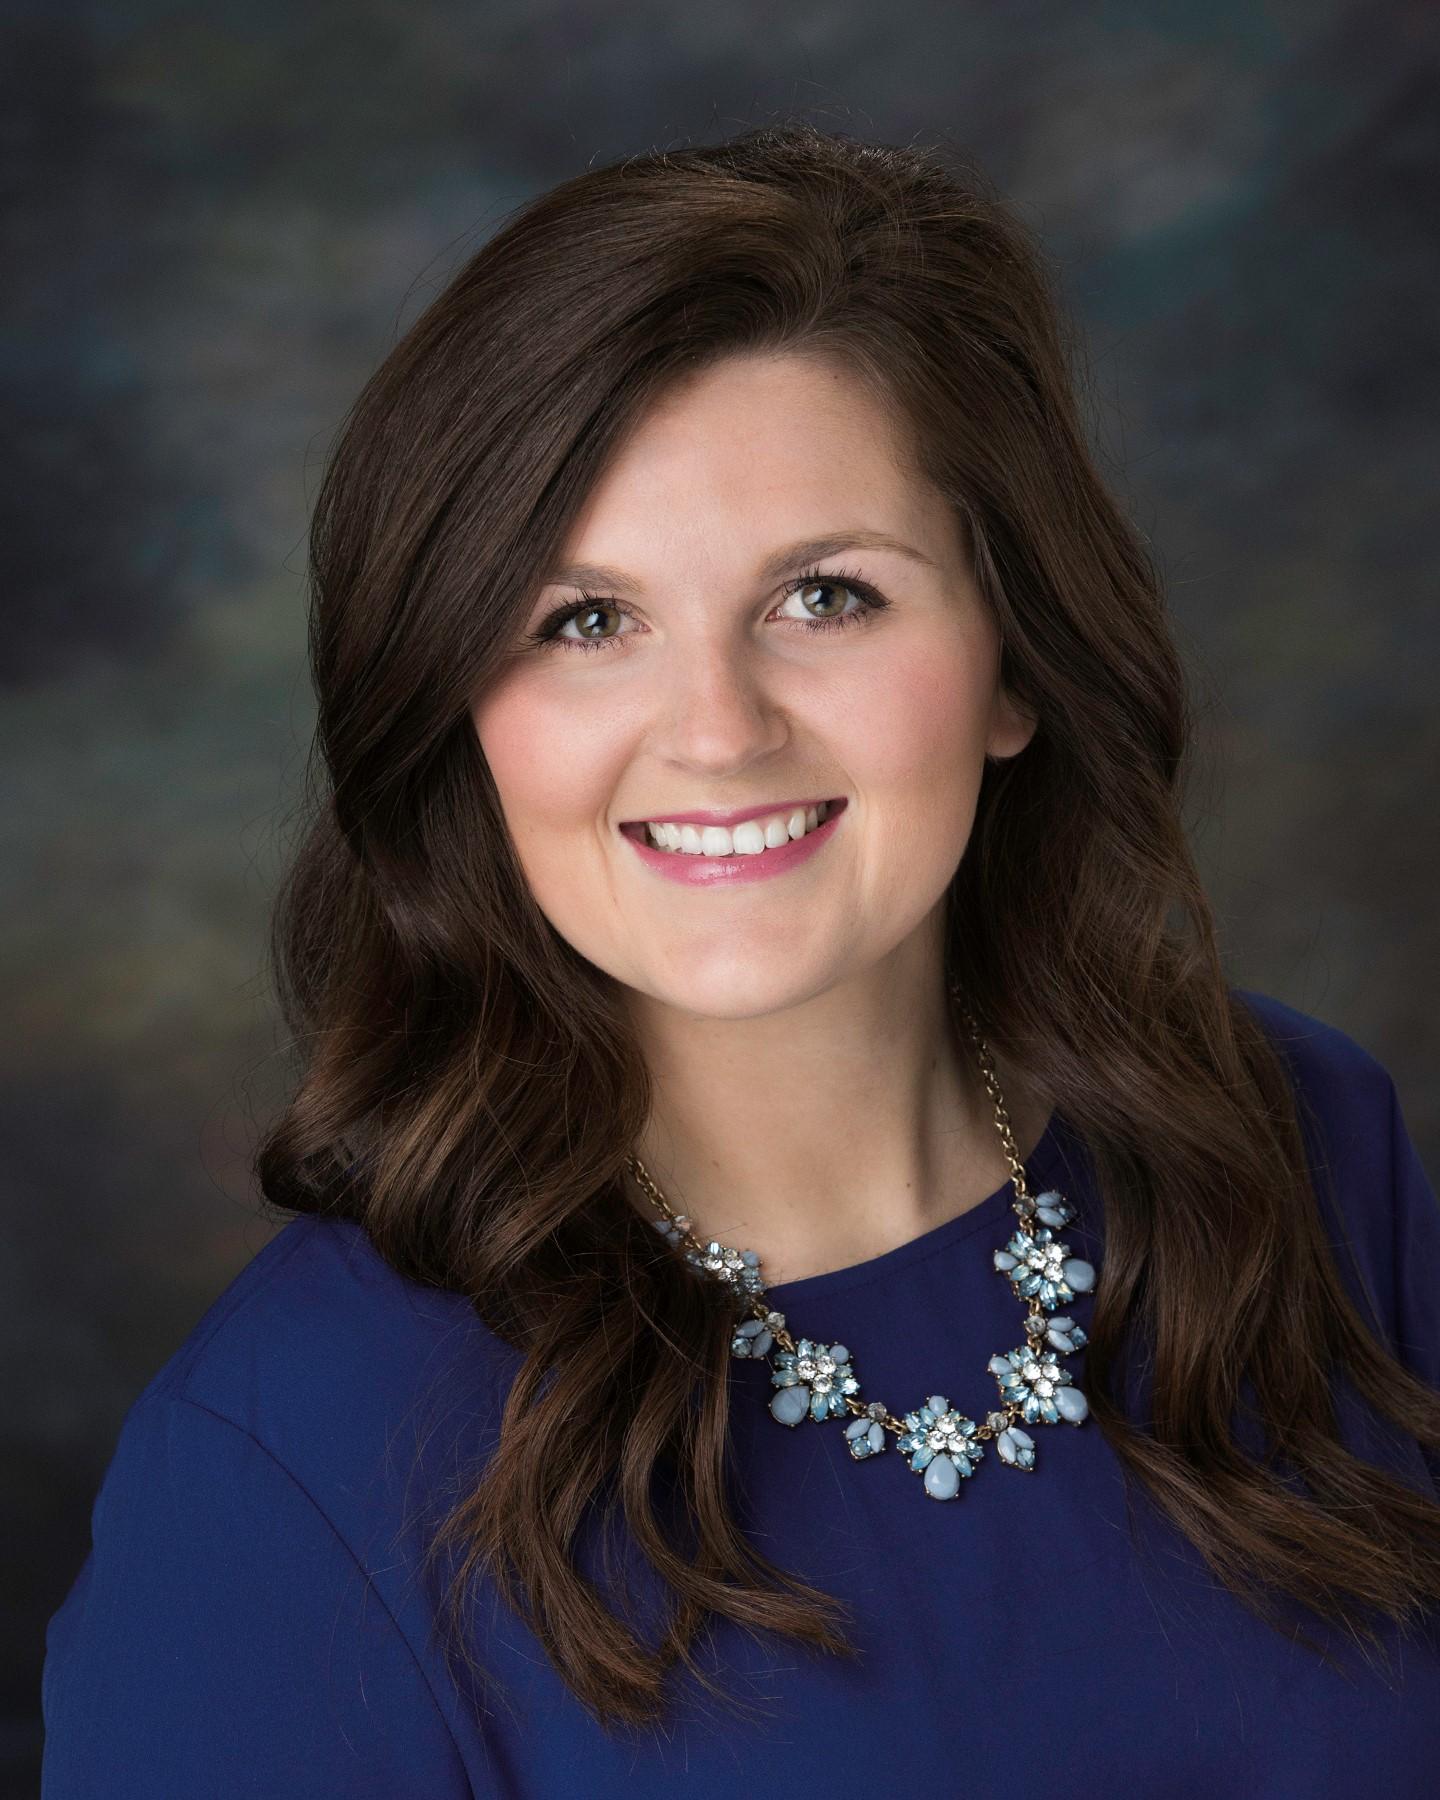 Alyssa Theilen, Director of Community Relations/Development